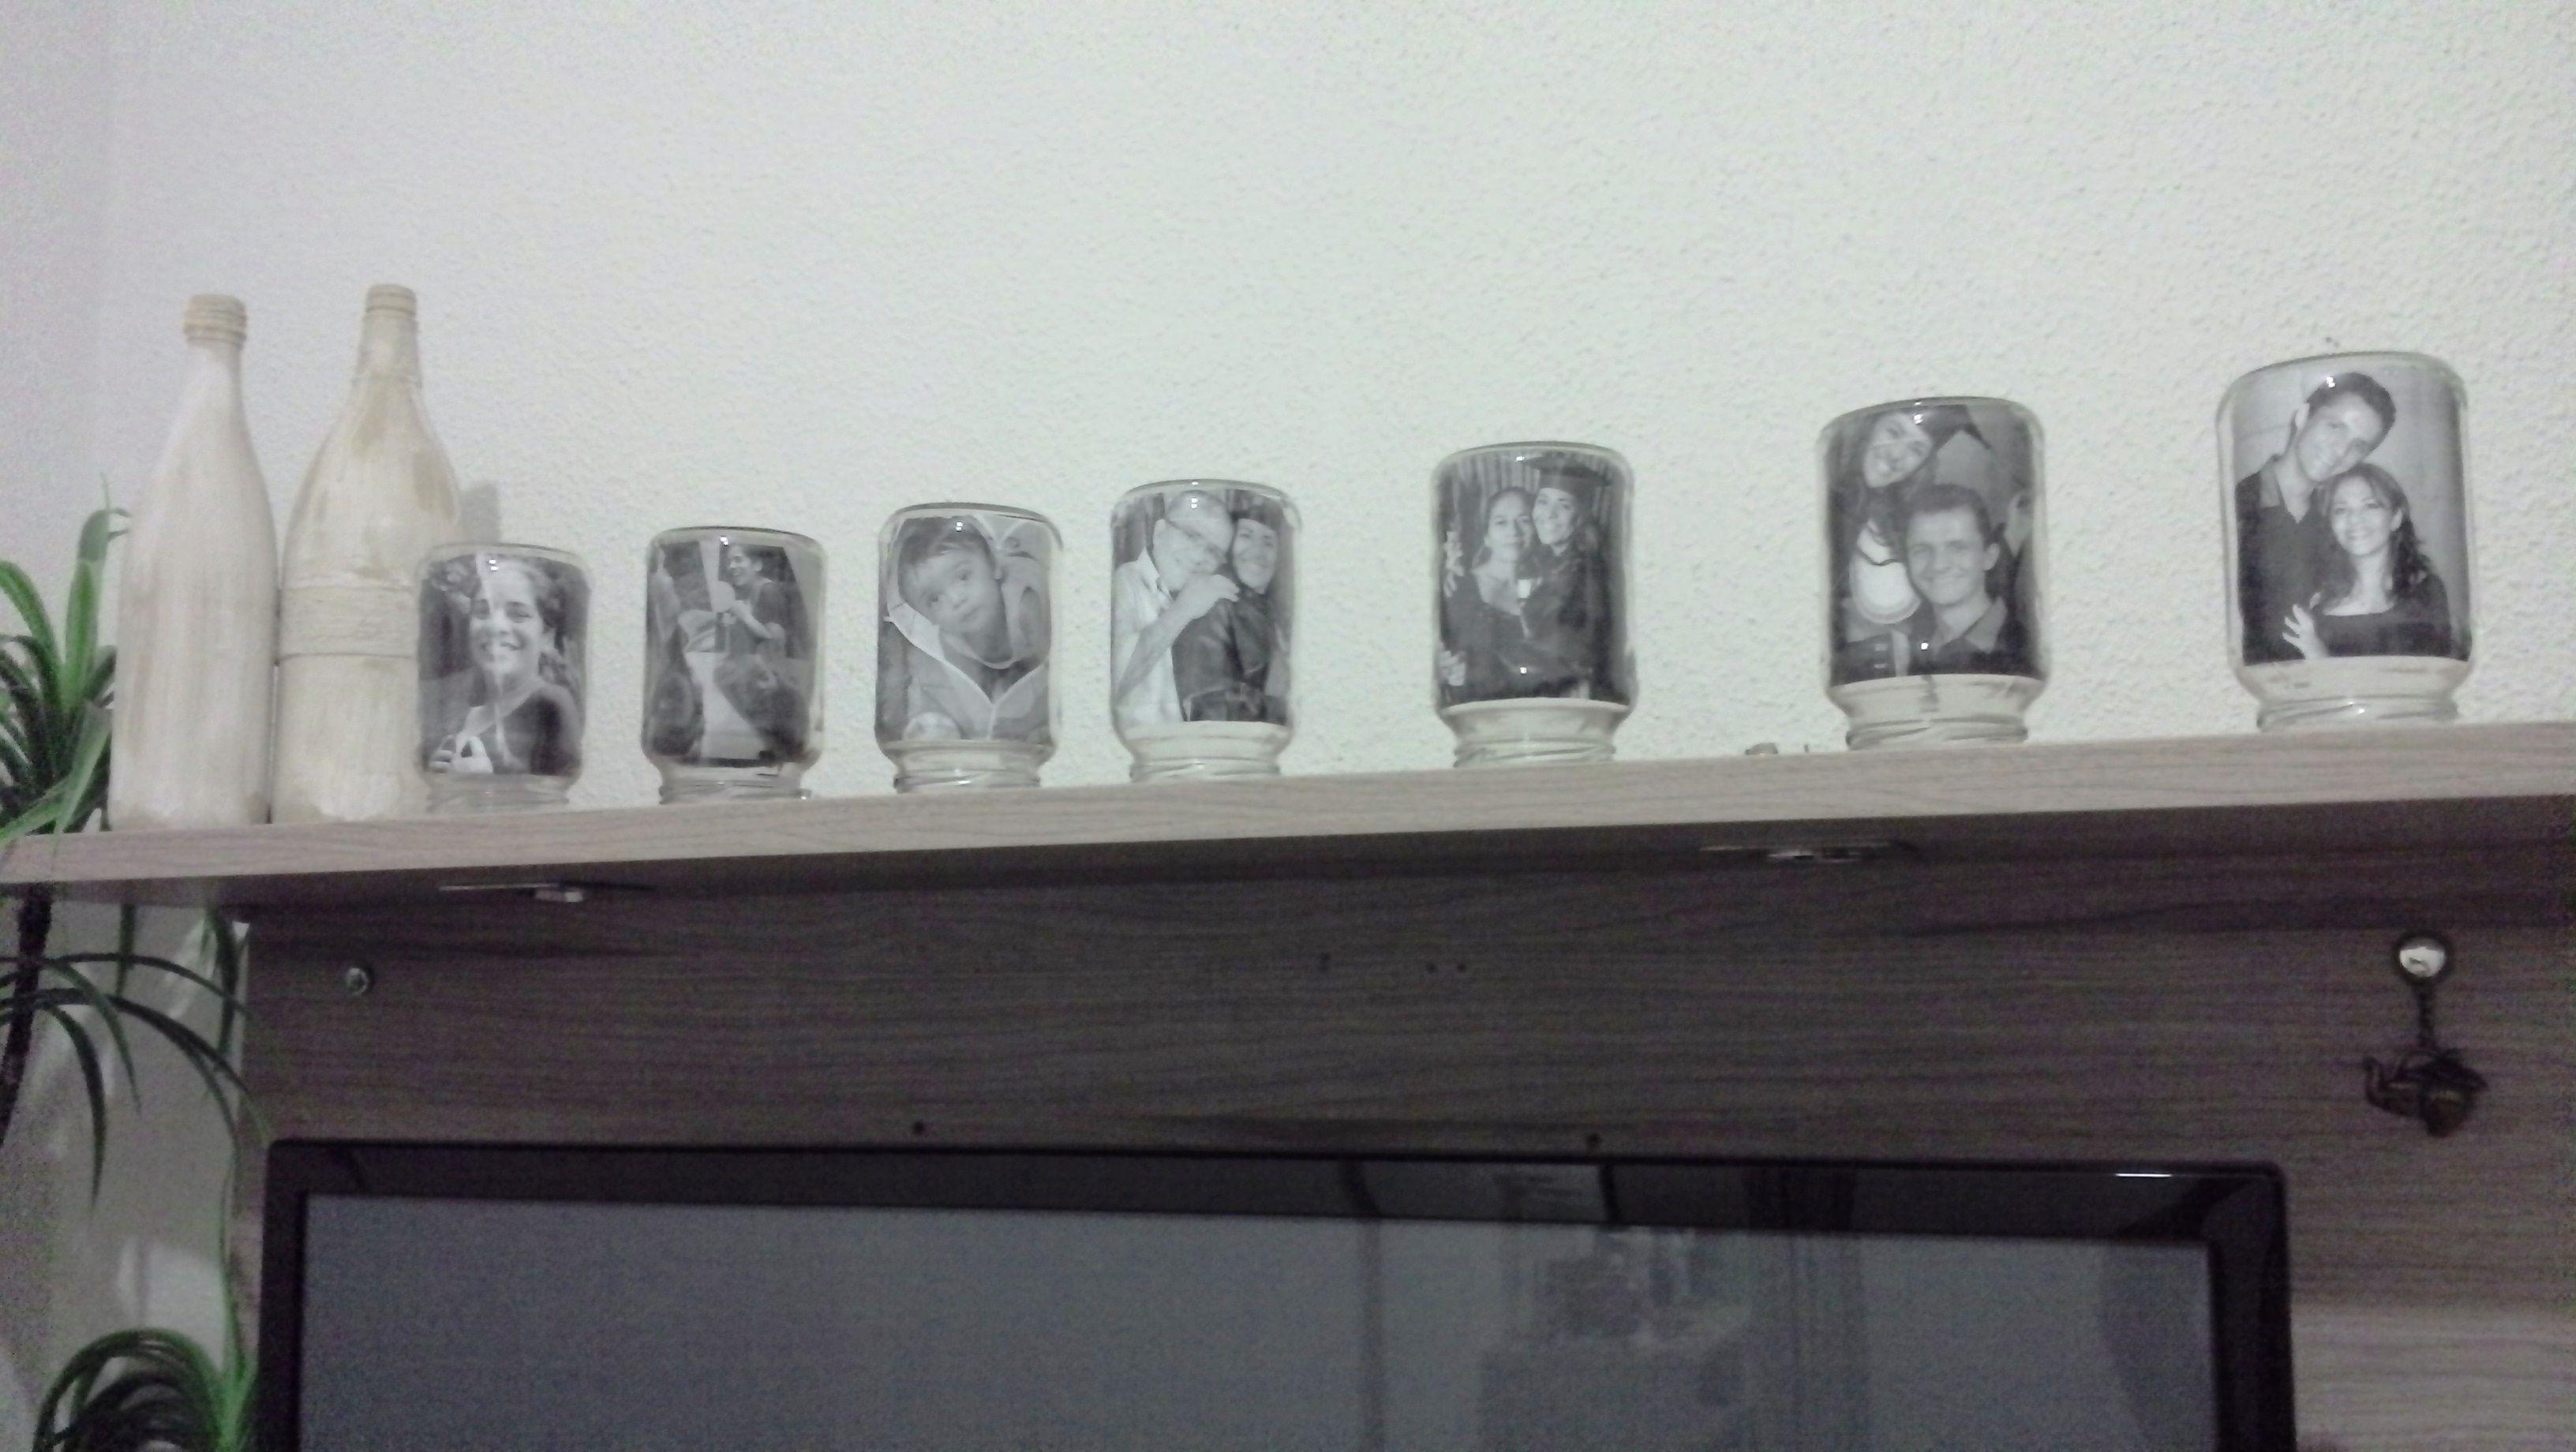 Copiei a ideia e ameeeii!!  ao lado, garrafas de suco de uva foram texturizadas com barbante e restos de tinta de parede .